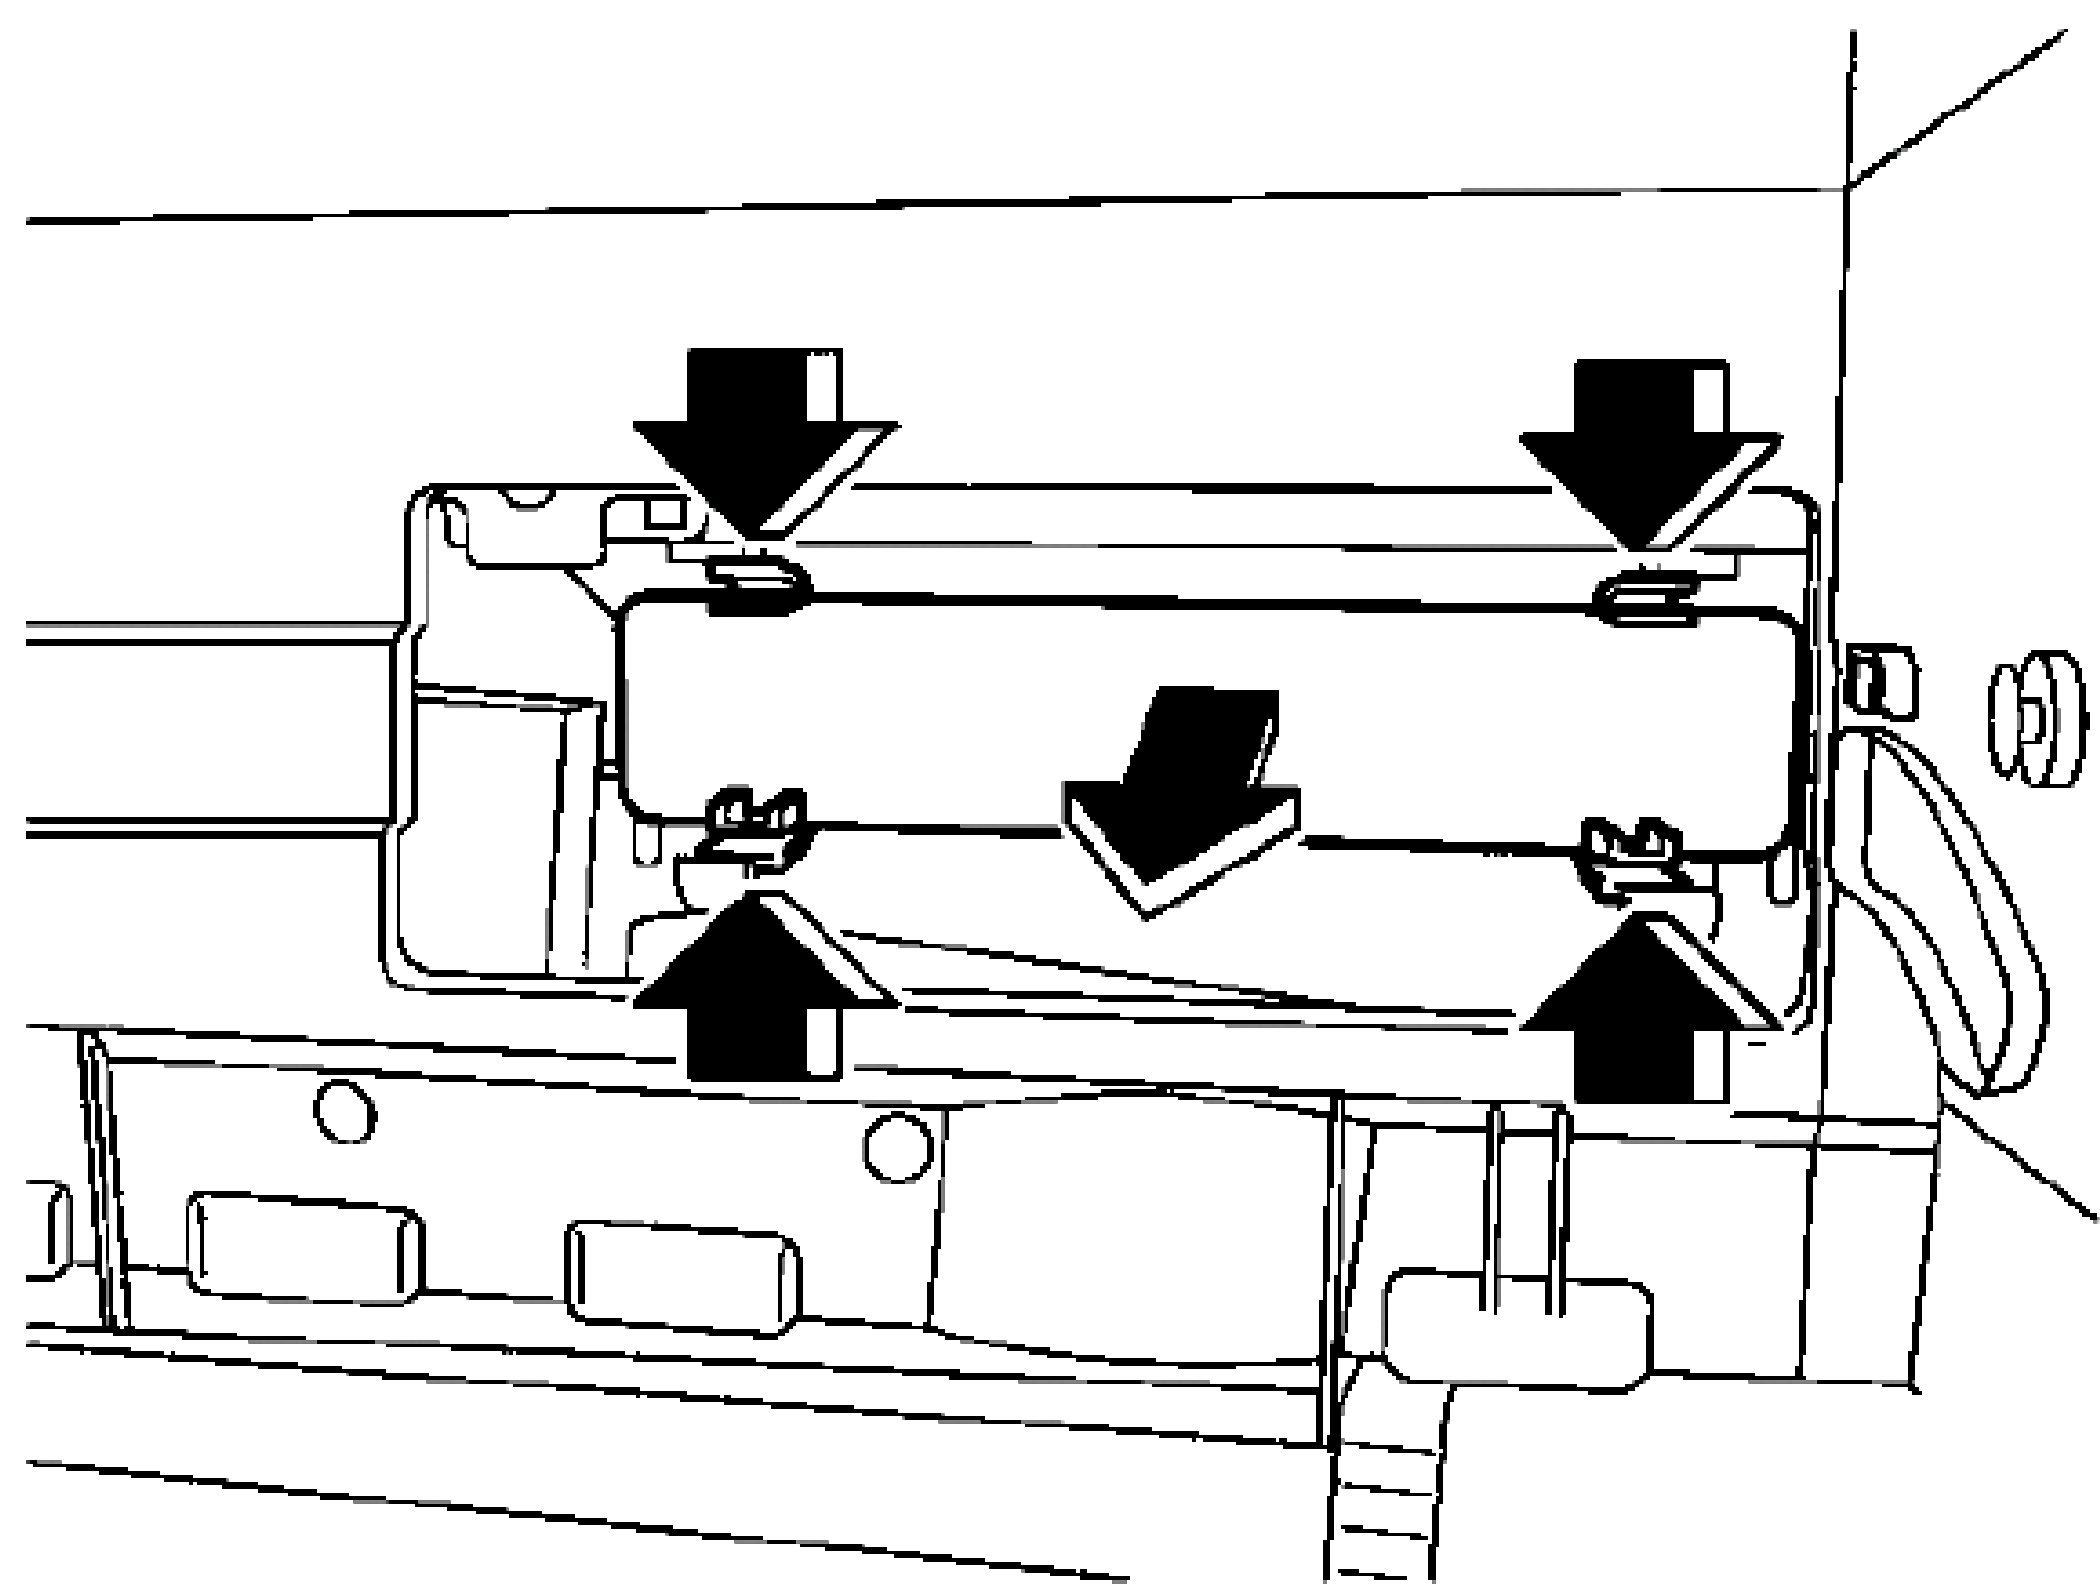 service manual  2011 subaru forester glove box removal